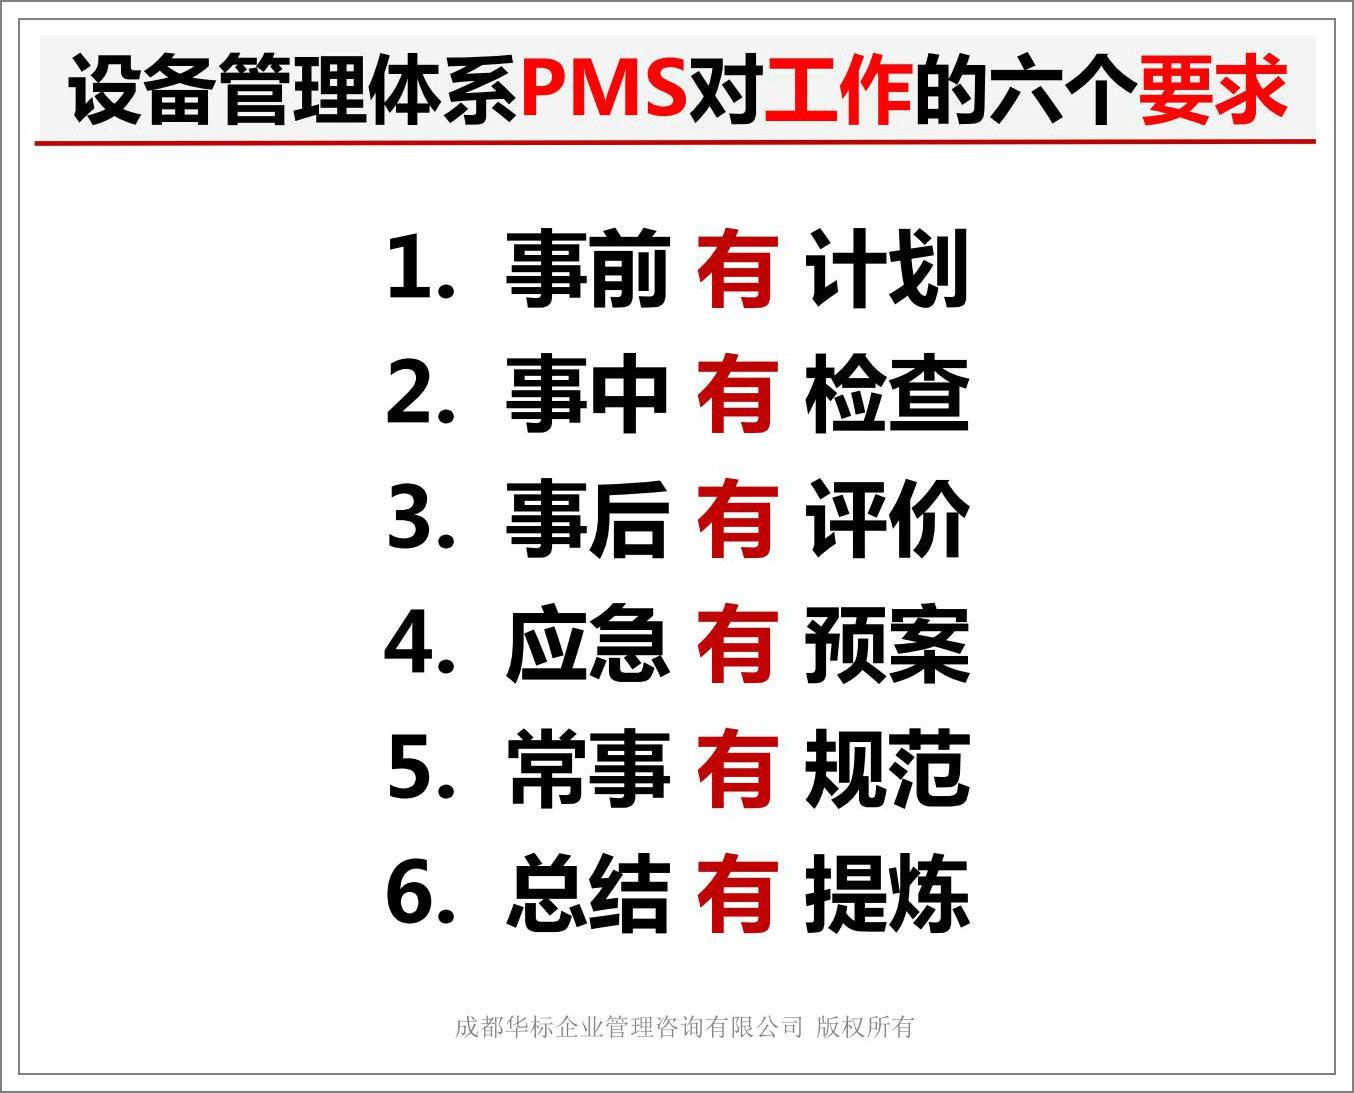 设备管理体系PMS对工作的六个要求.jpg